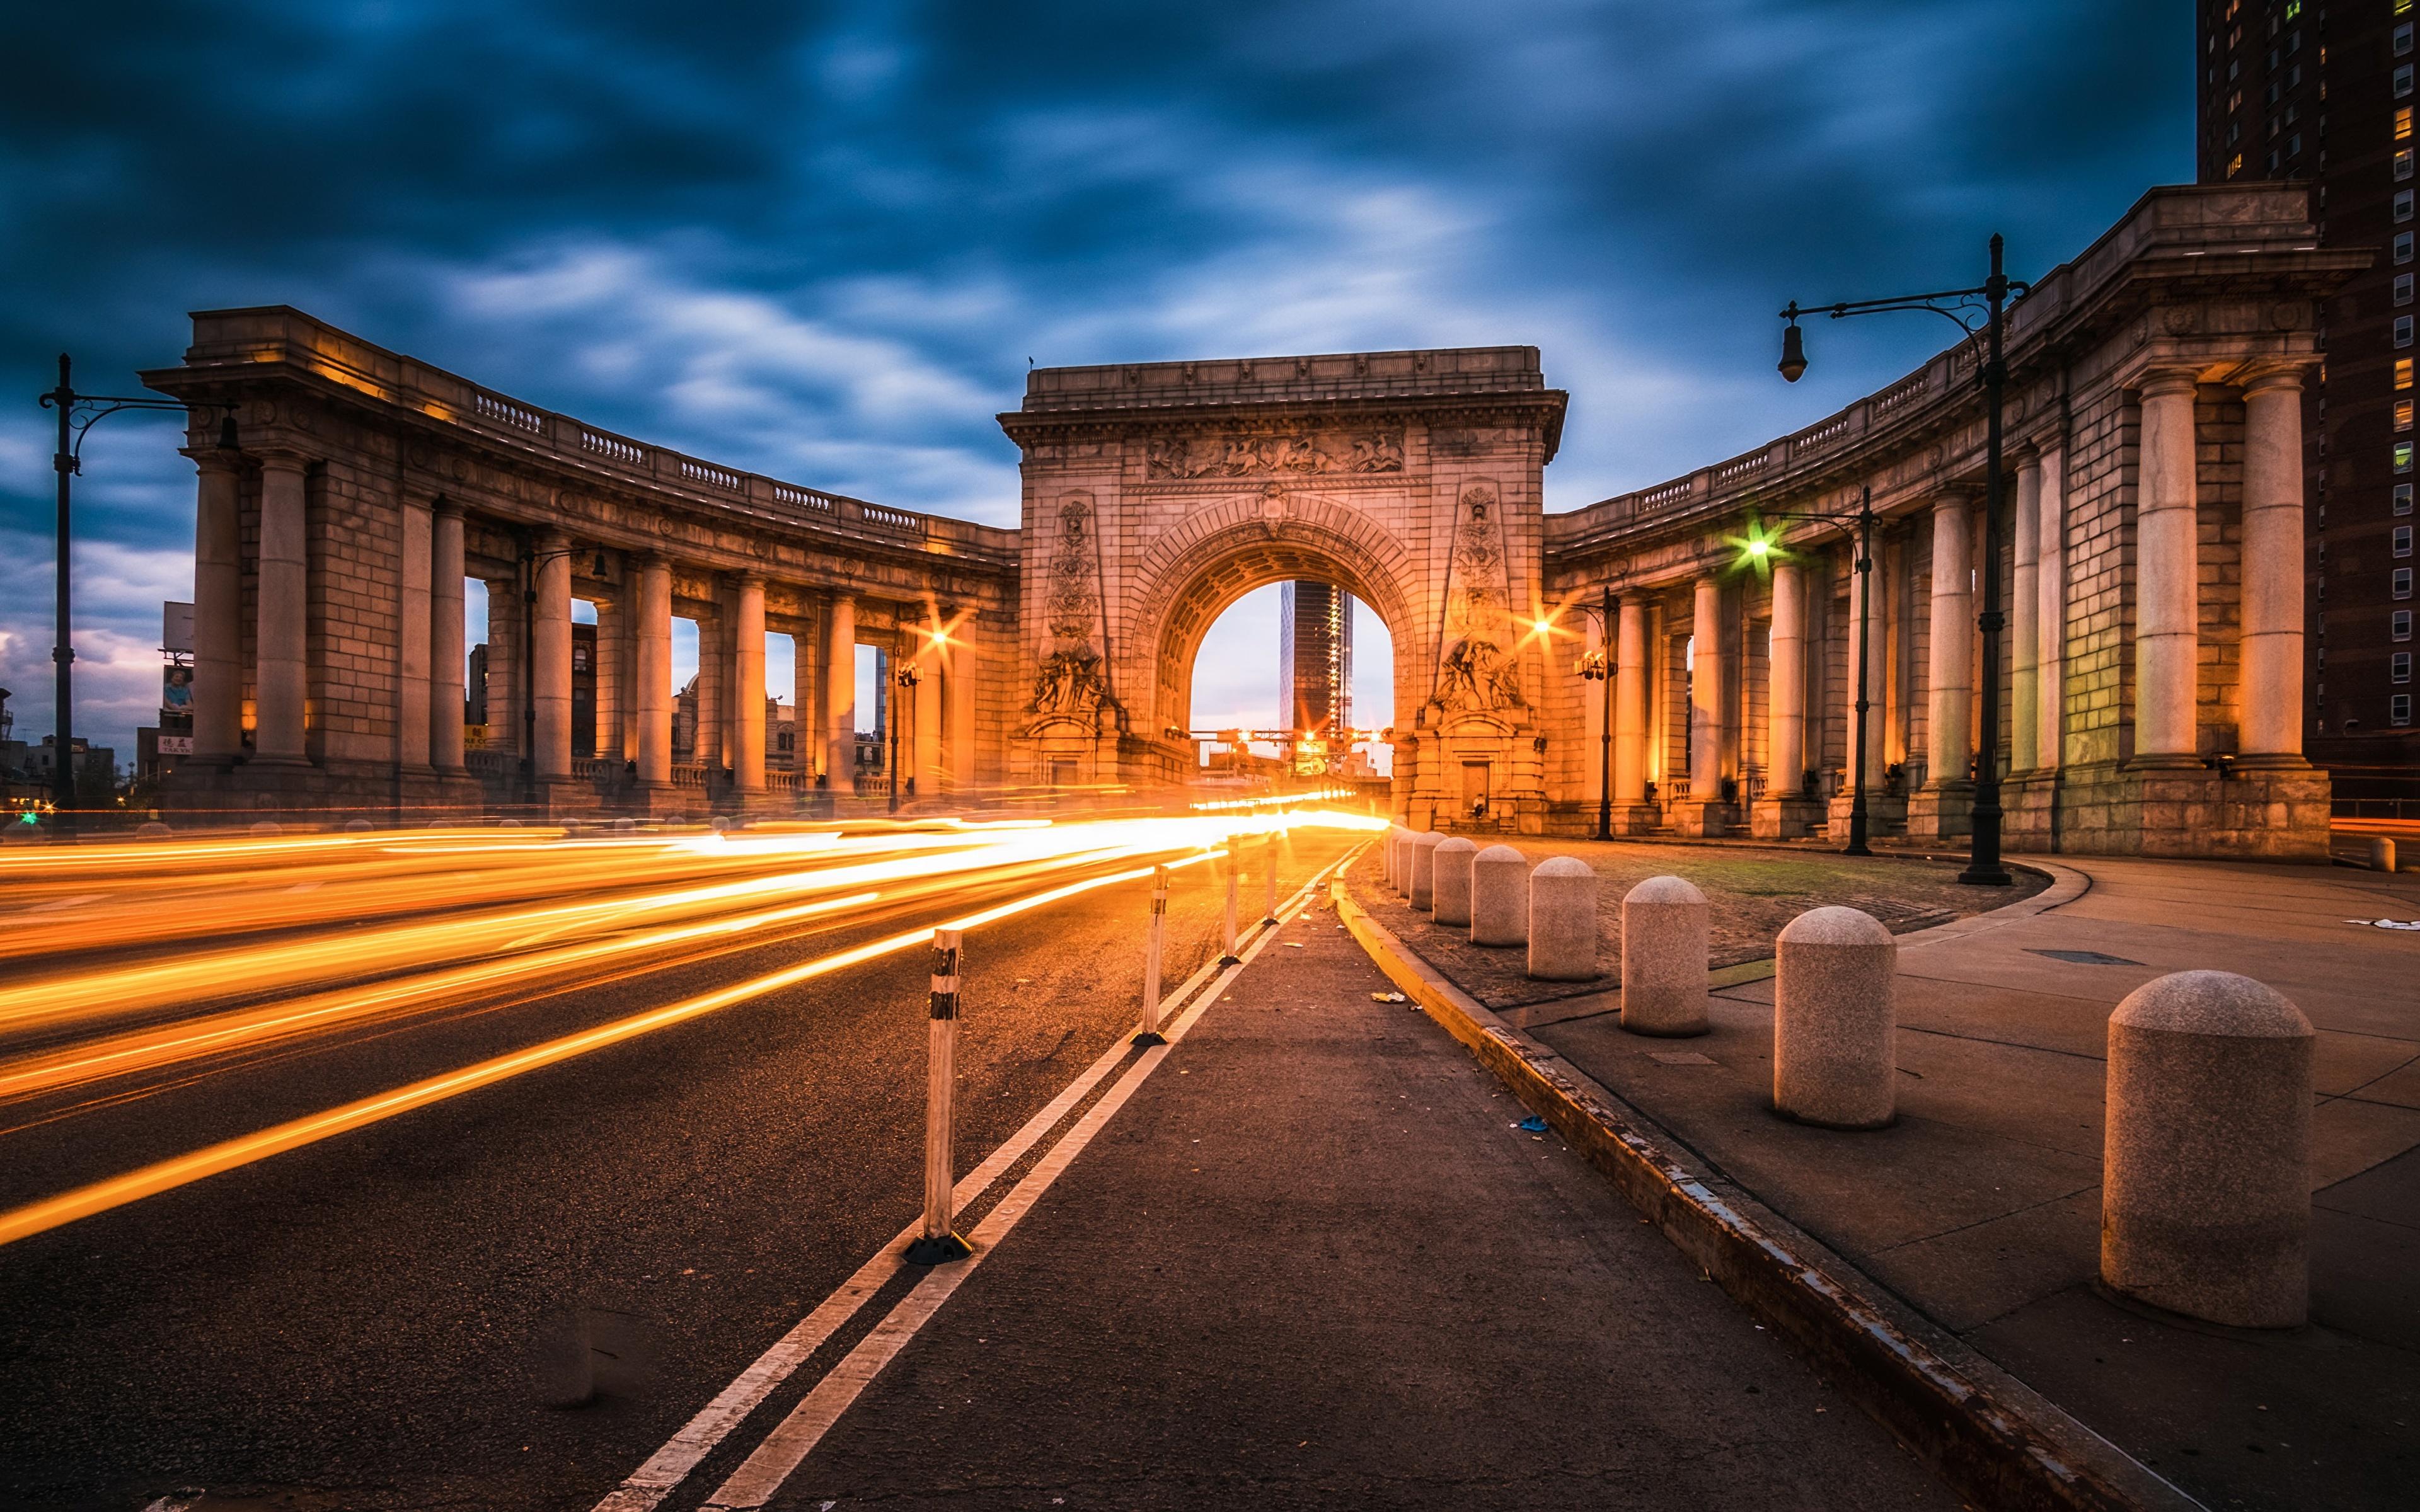 Картинки Манхэттен США Арка Manhattan Bridge Дороги Вечер город 3840x2400 штаты америка арки Города